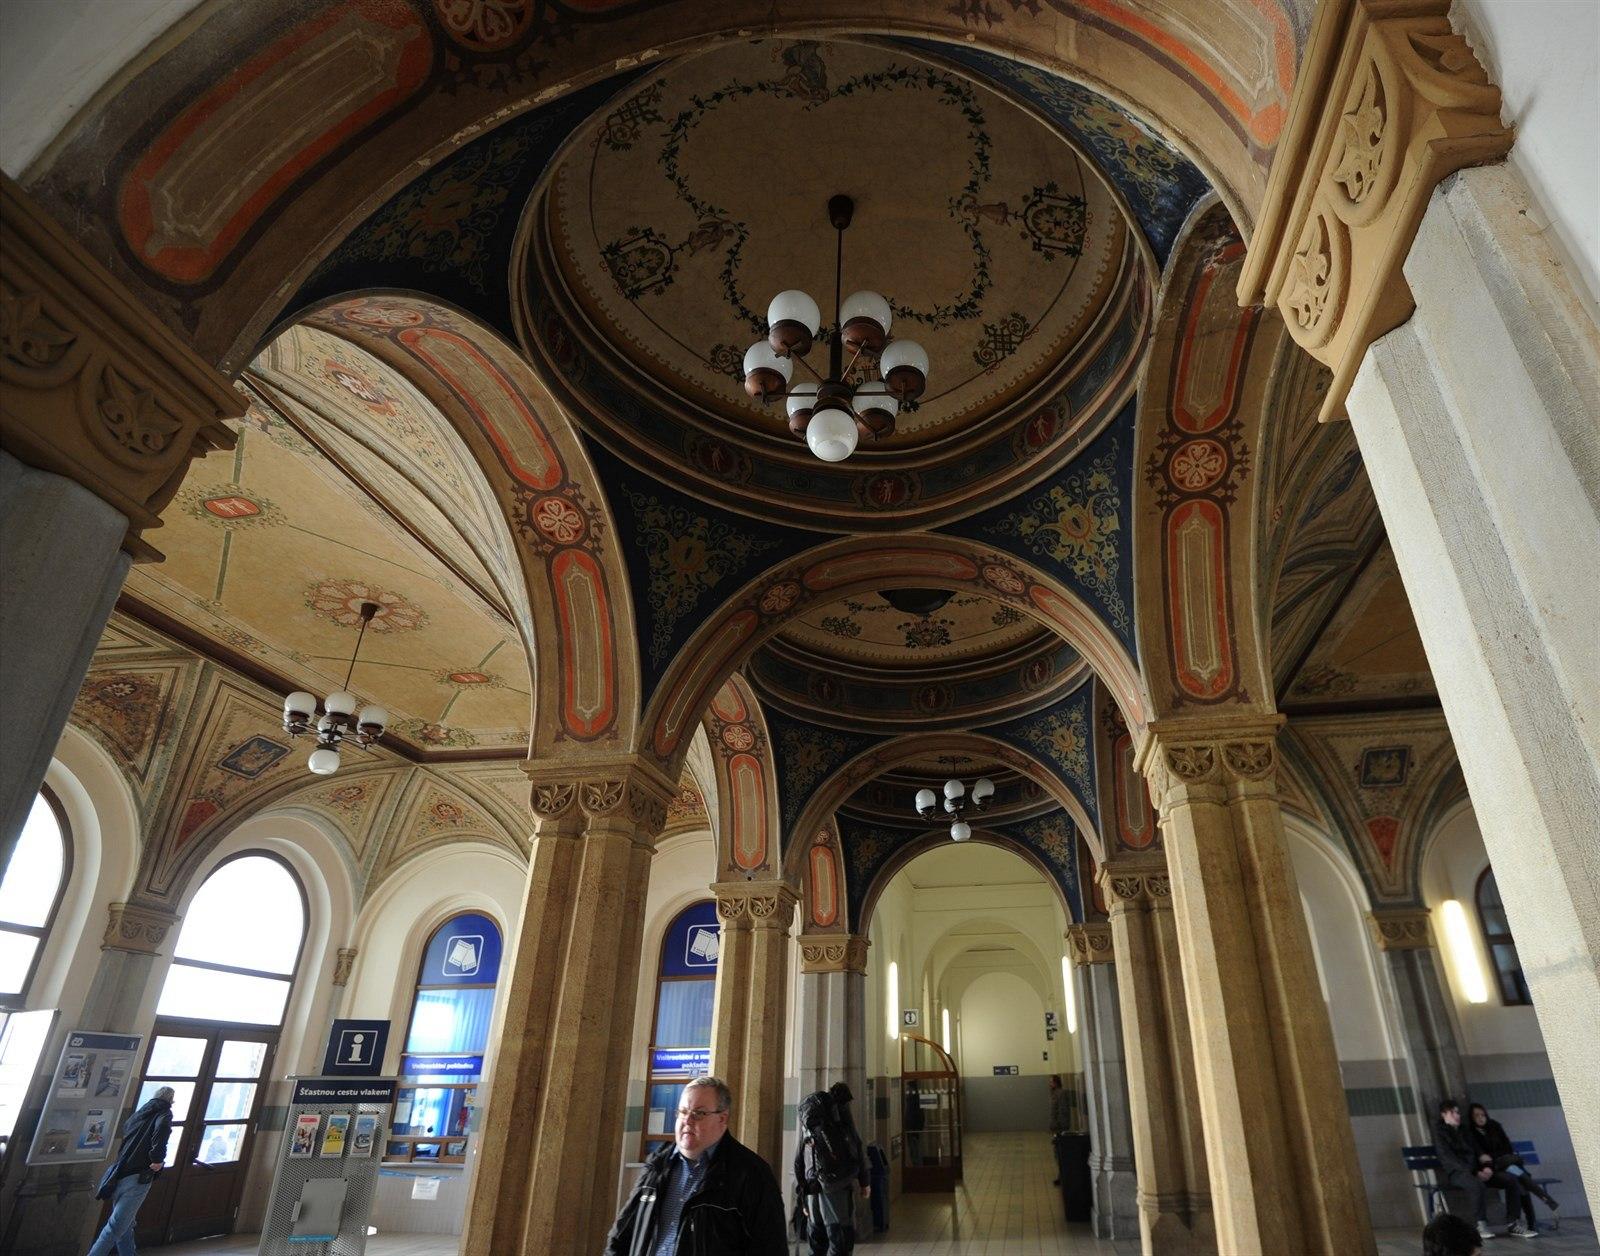 Fotogalerie Secesni Budova Z Roku 1871 Je Pamatkove Chranena Cenne